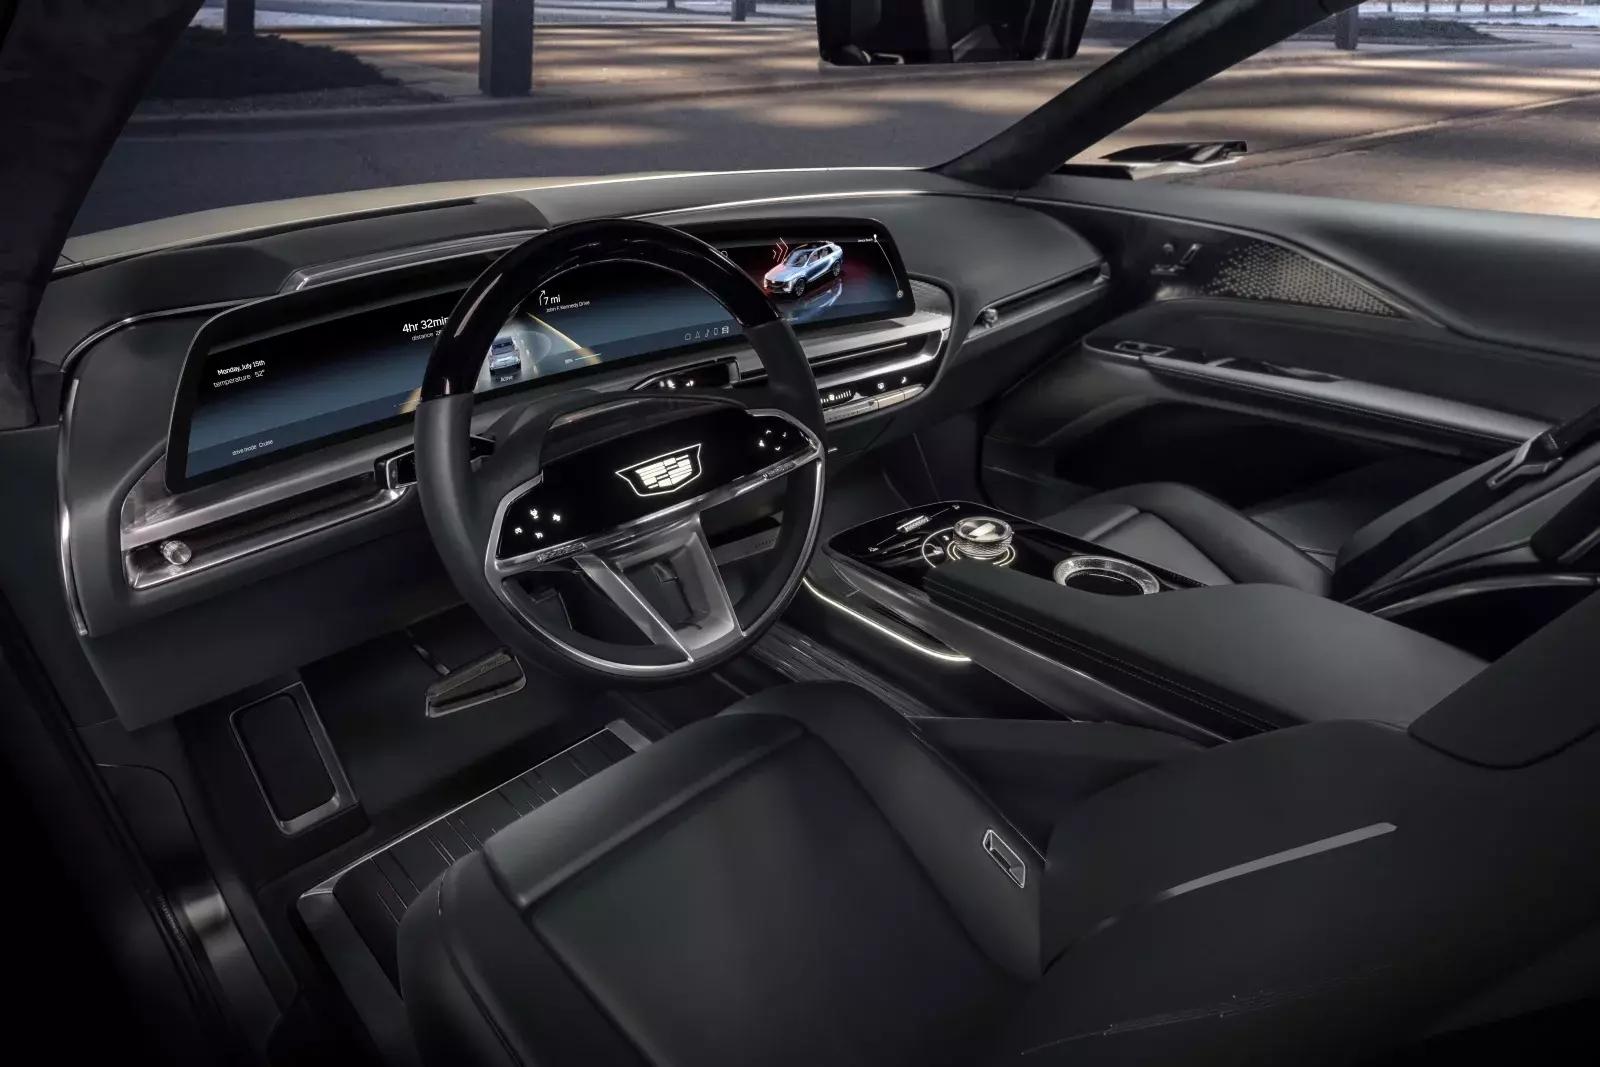 2023年推出的凯迪拉克Lyriq EV,将有很多科技在未来无法实现